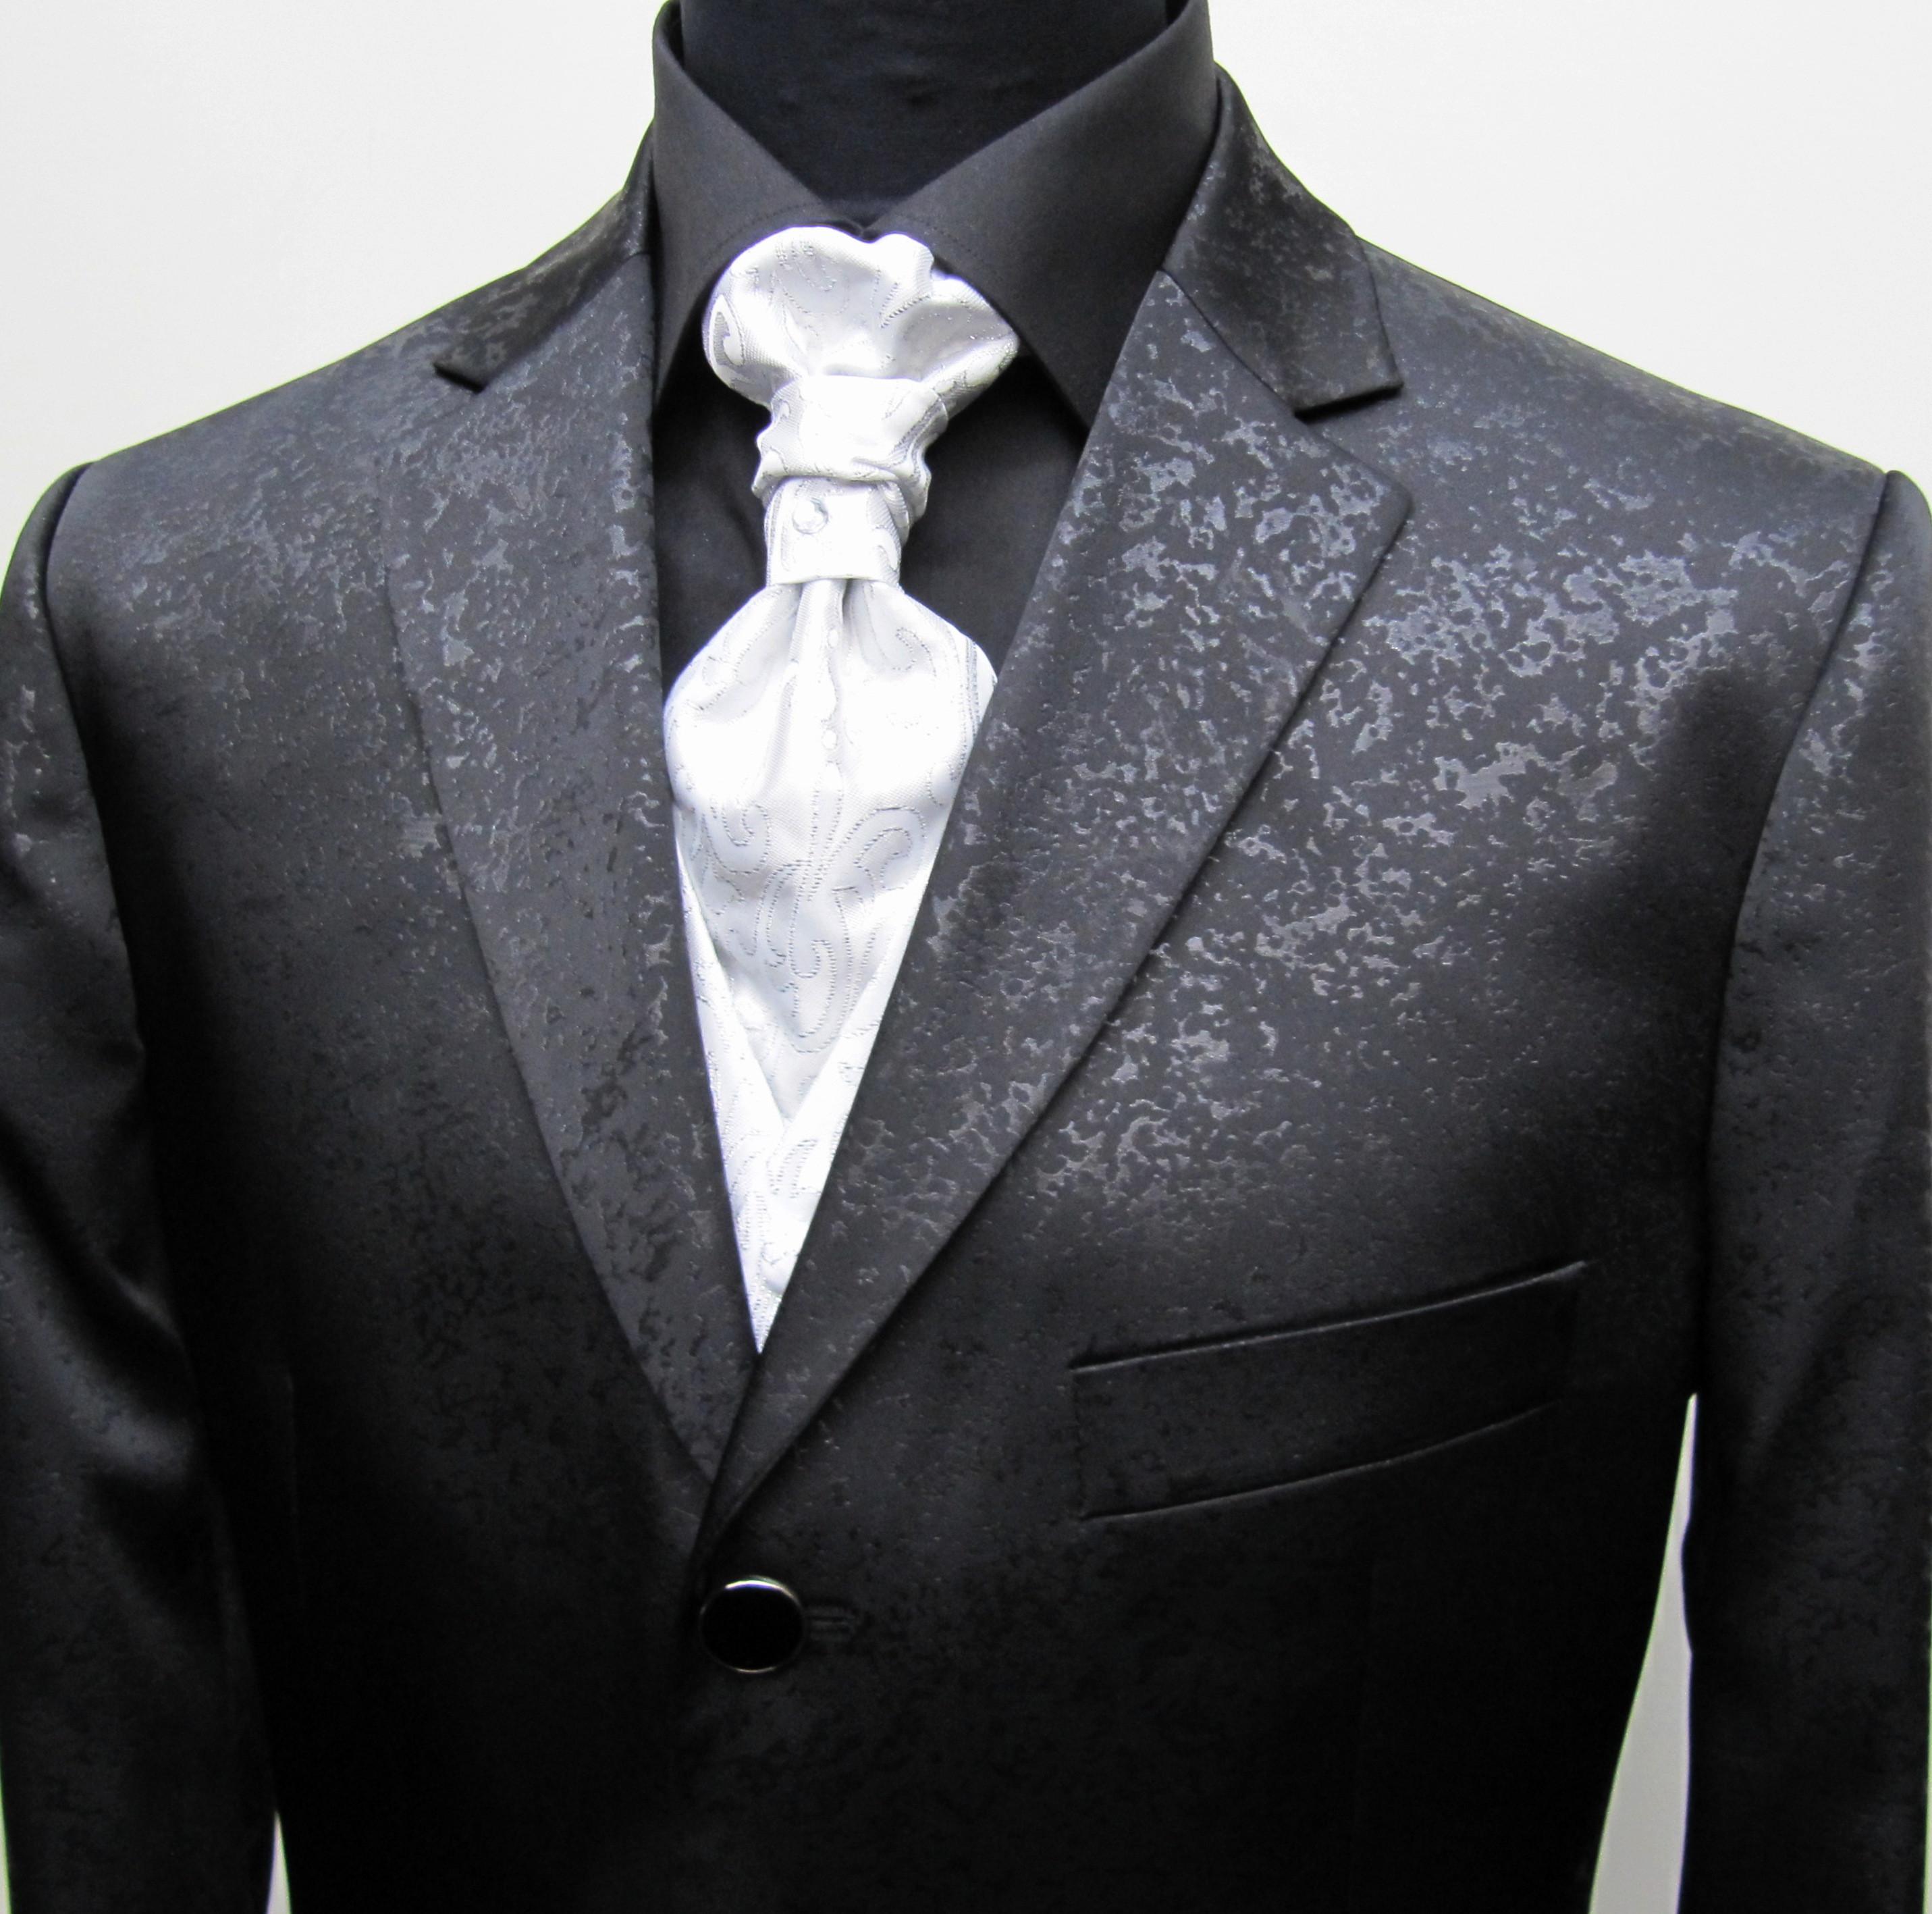 Herrenanzug Hochzeit  GEORGE BRIDE Herren Anzug 5 Teilig Anzug Sakko Weste Anzug